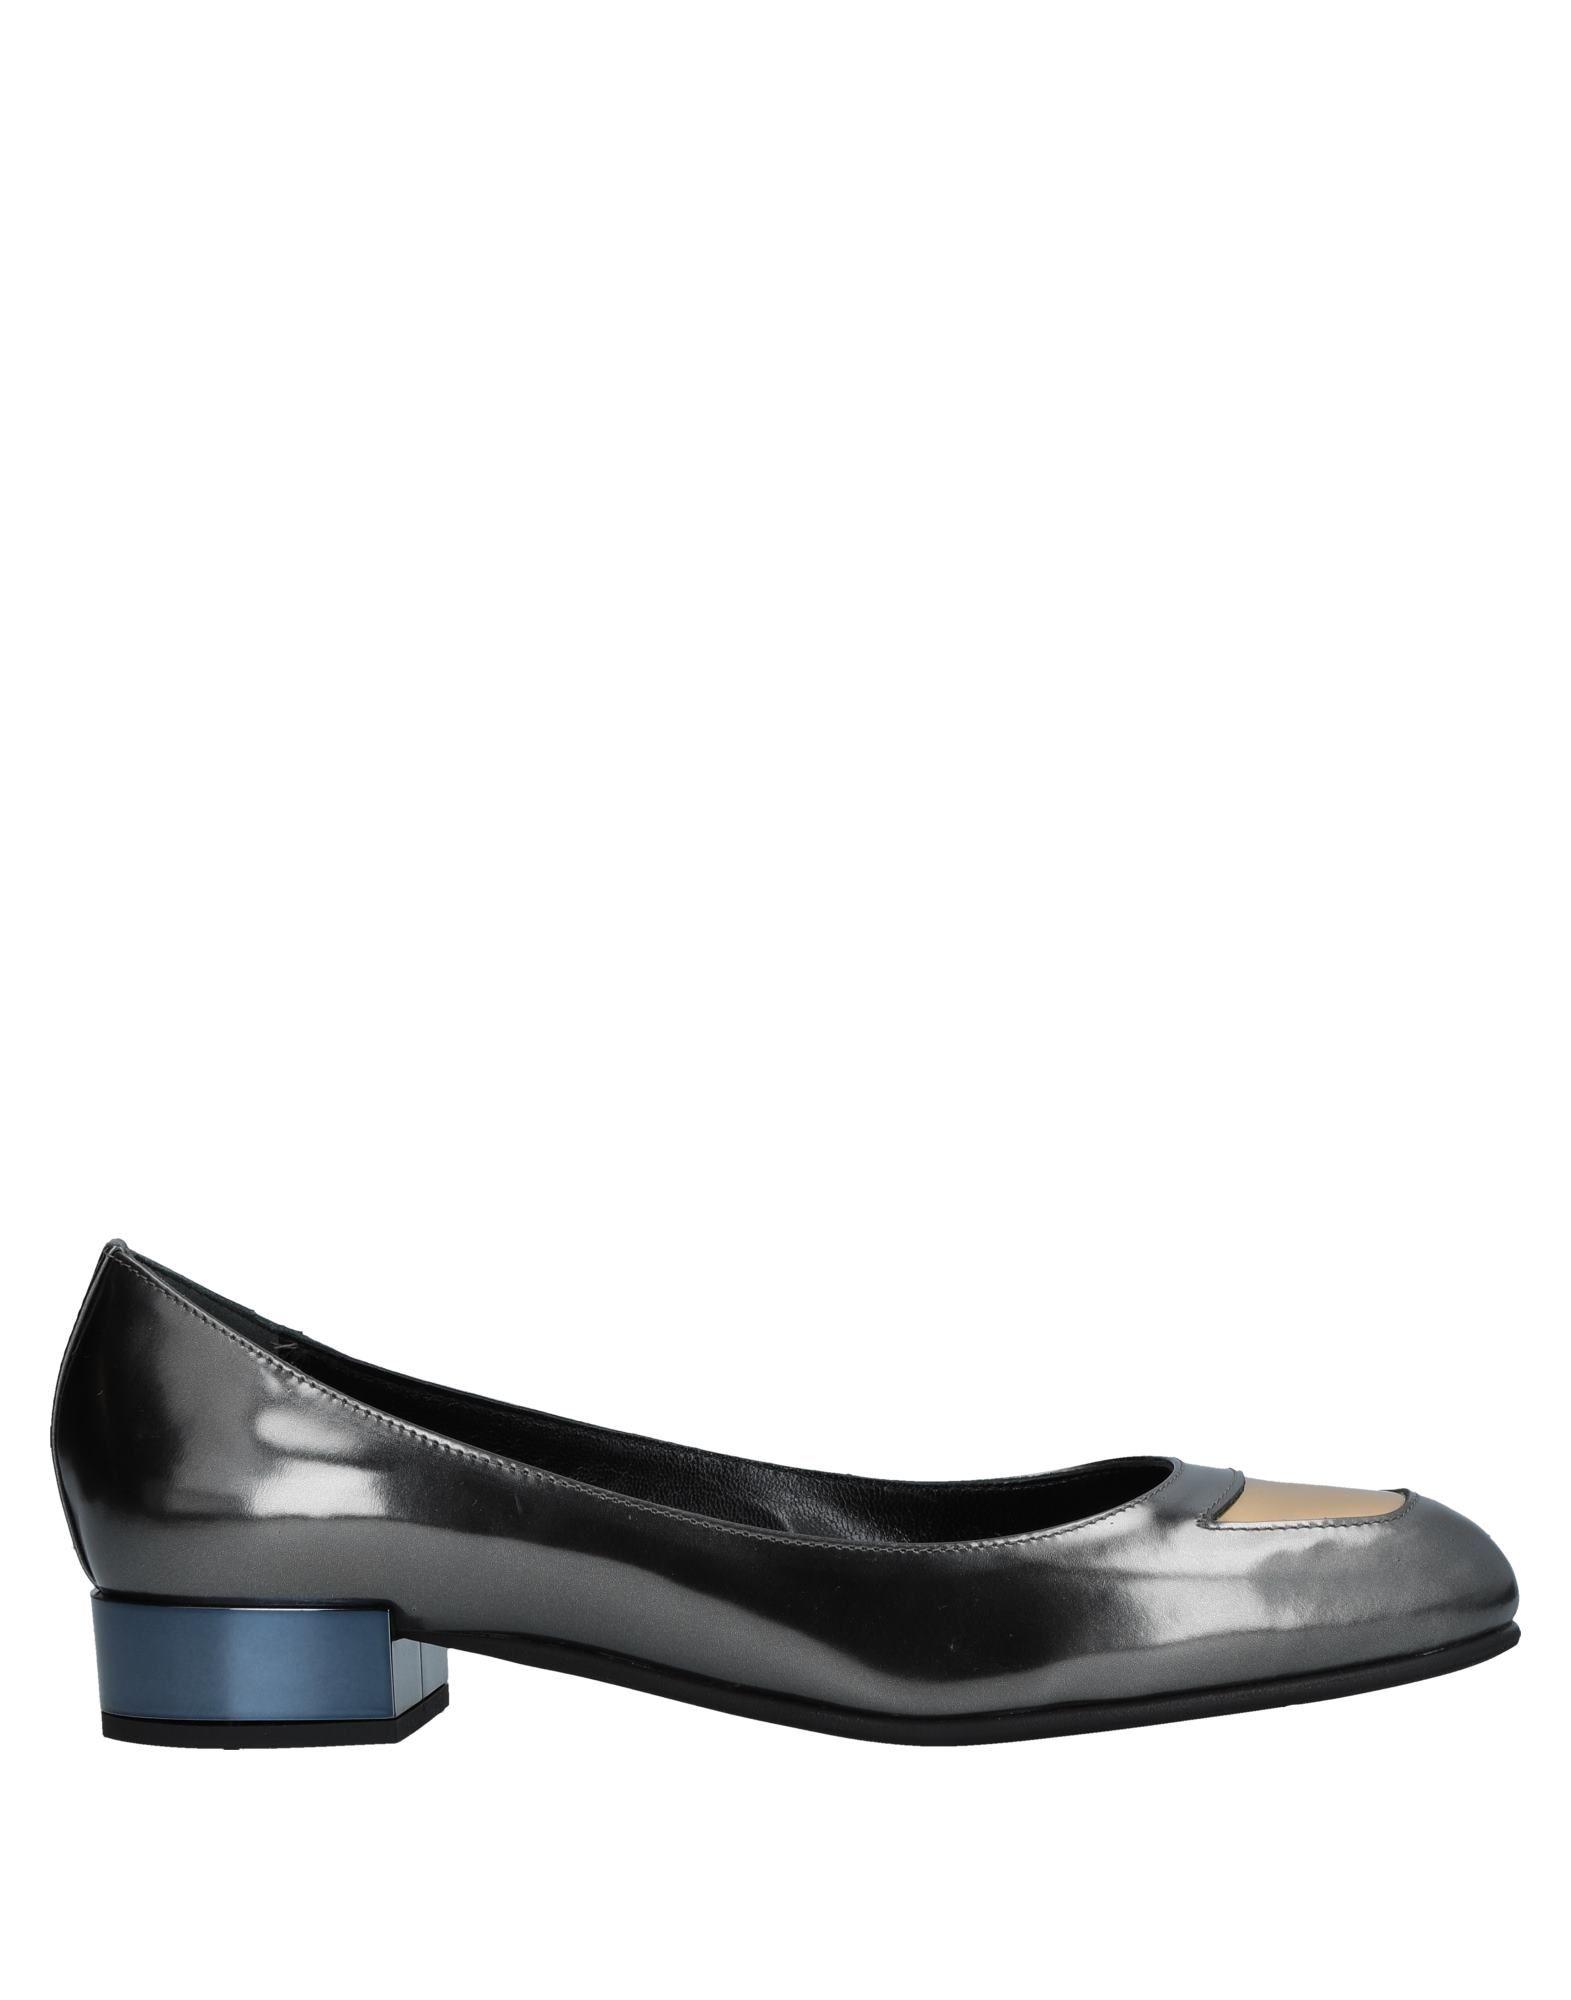 Stilvolle Armani billige Schuhe Emporio Armani Stilvolle Pumps Damen  11523537TW ef5e2e